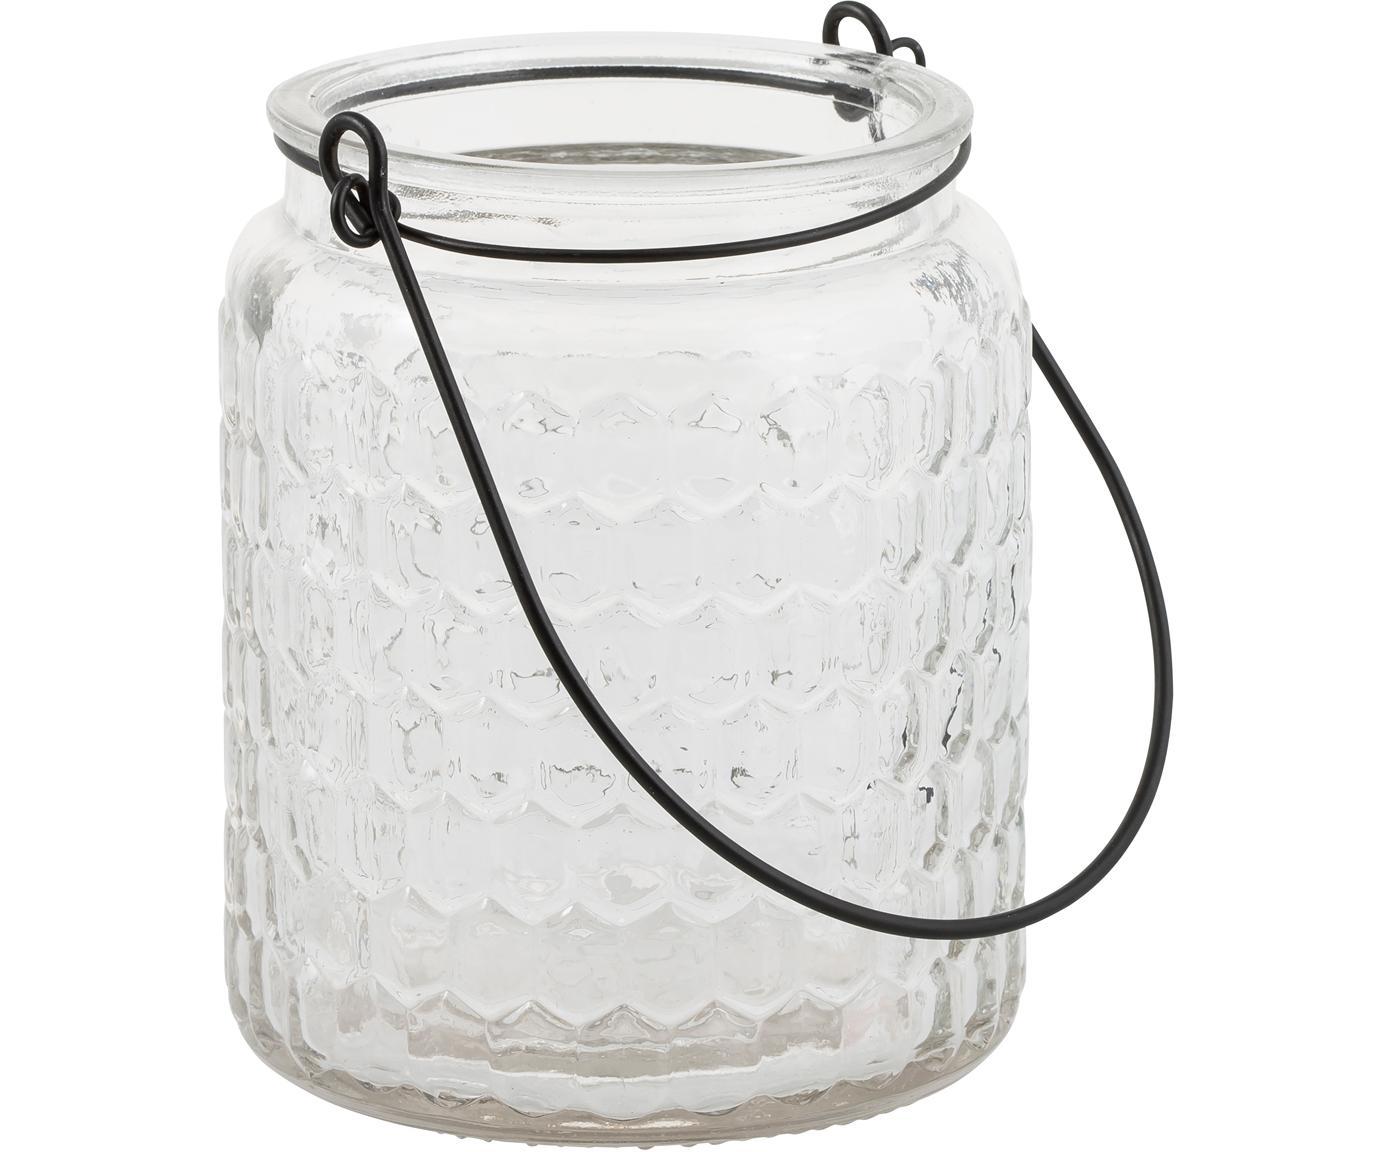 Windlicht Alsace, Glas, Metall, Transparent, Schwarz, Ø 10 x H 12 cm